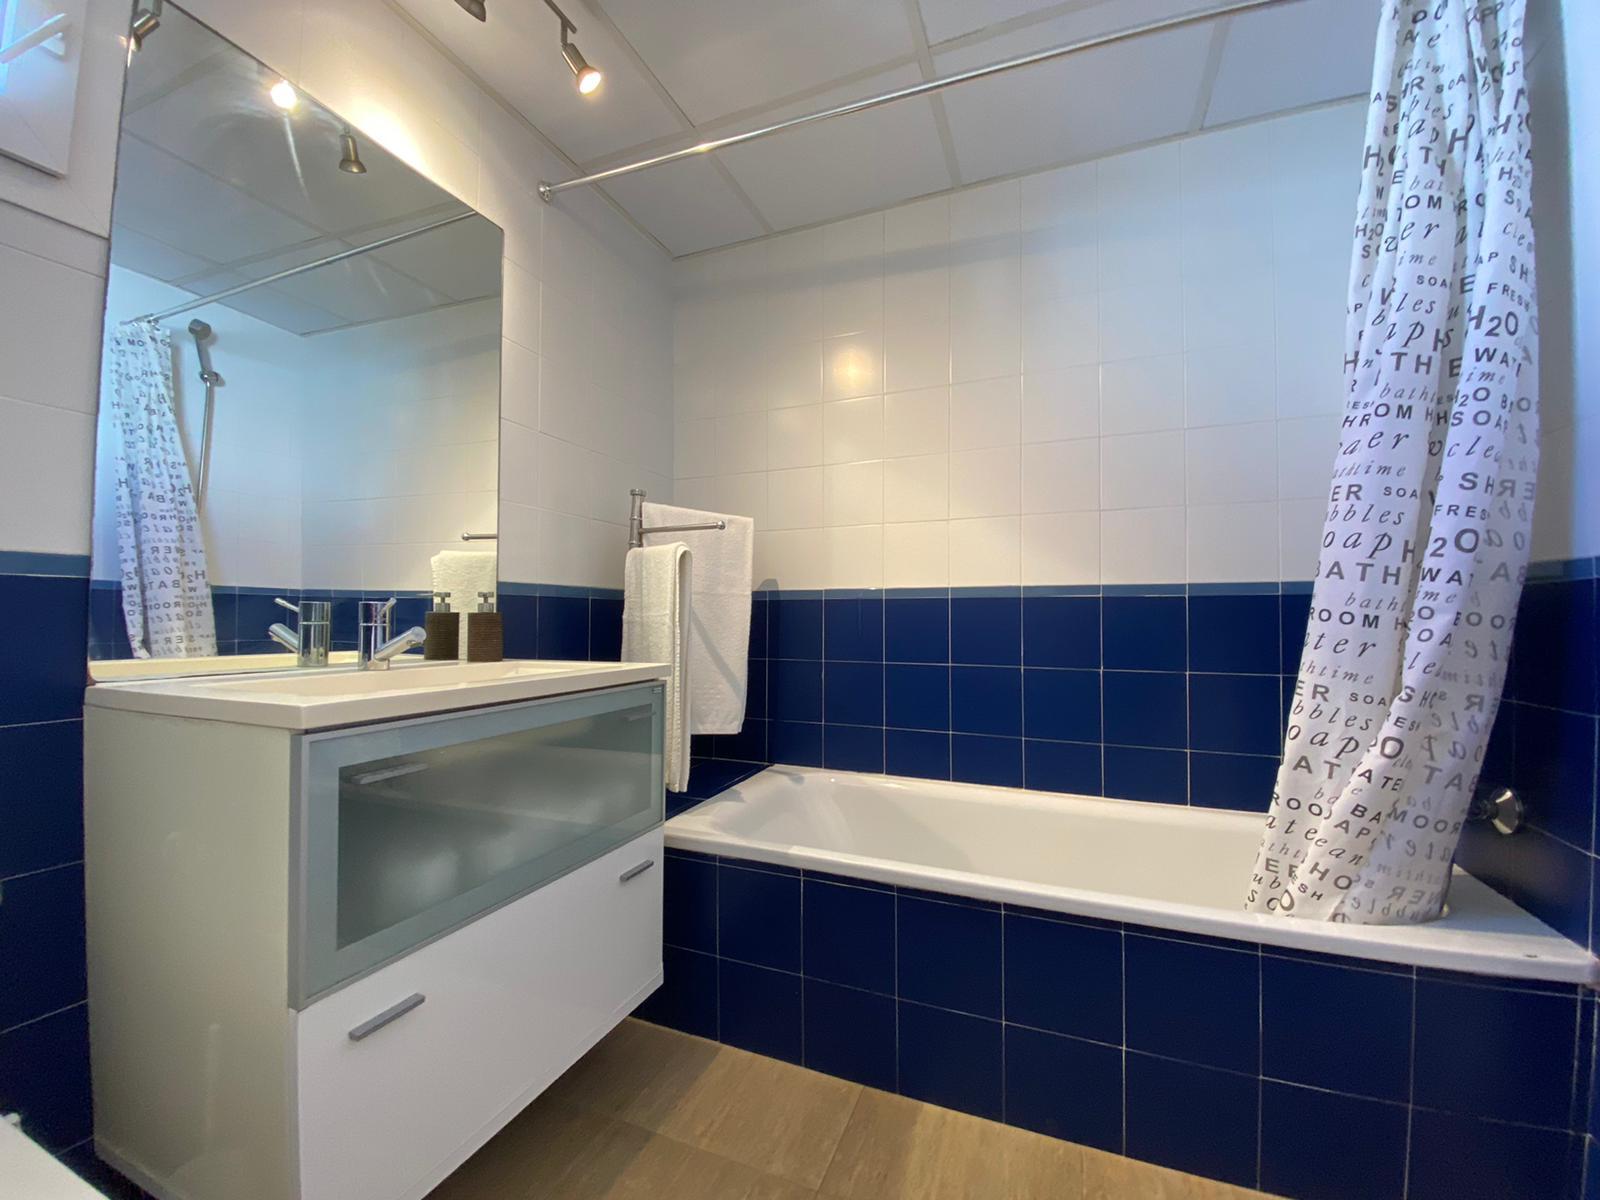 Imagen 24 del Apartamento Turístico, Ático 6 Poniente (3d+2b), Punta del Moral (HUELVA), Paseo de la Cruz nº22